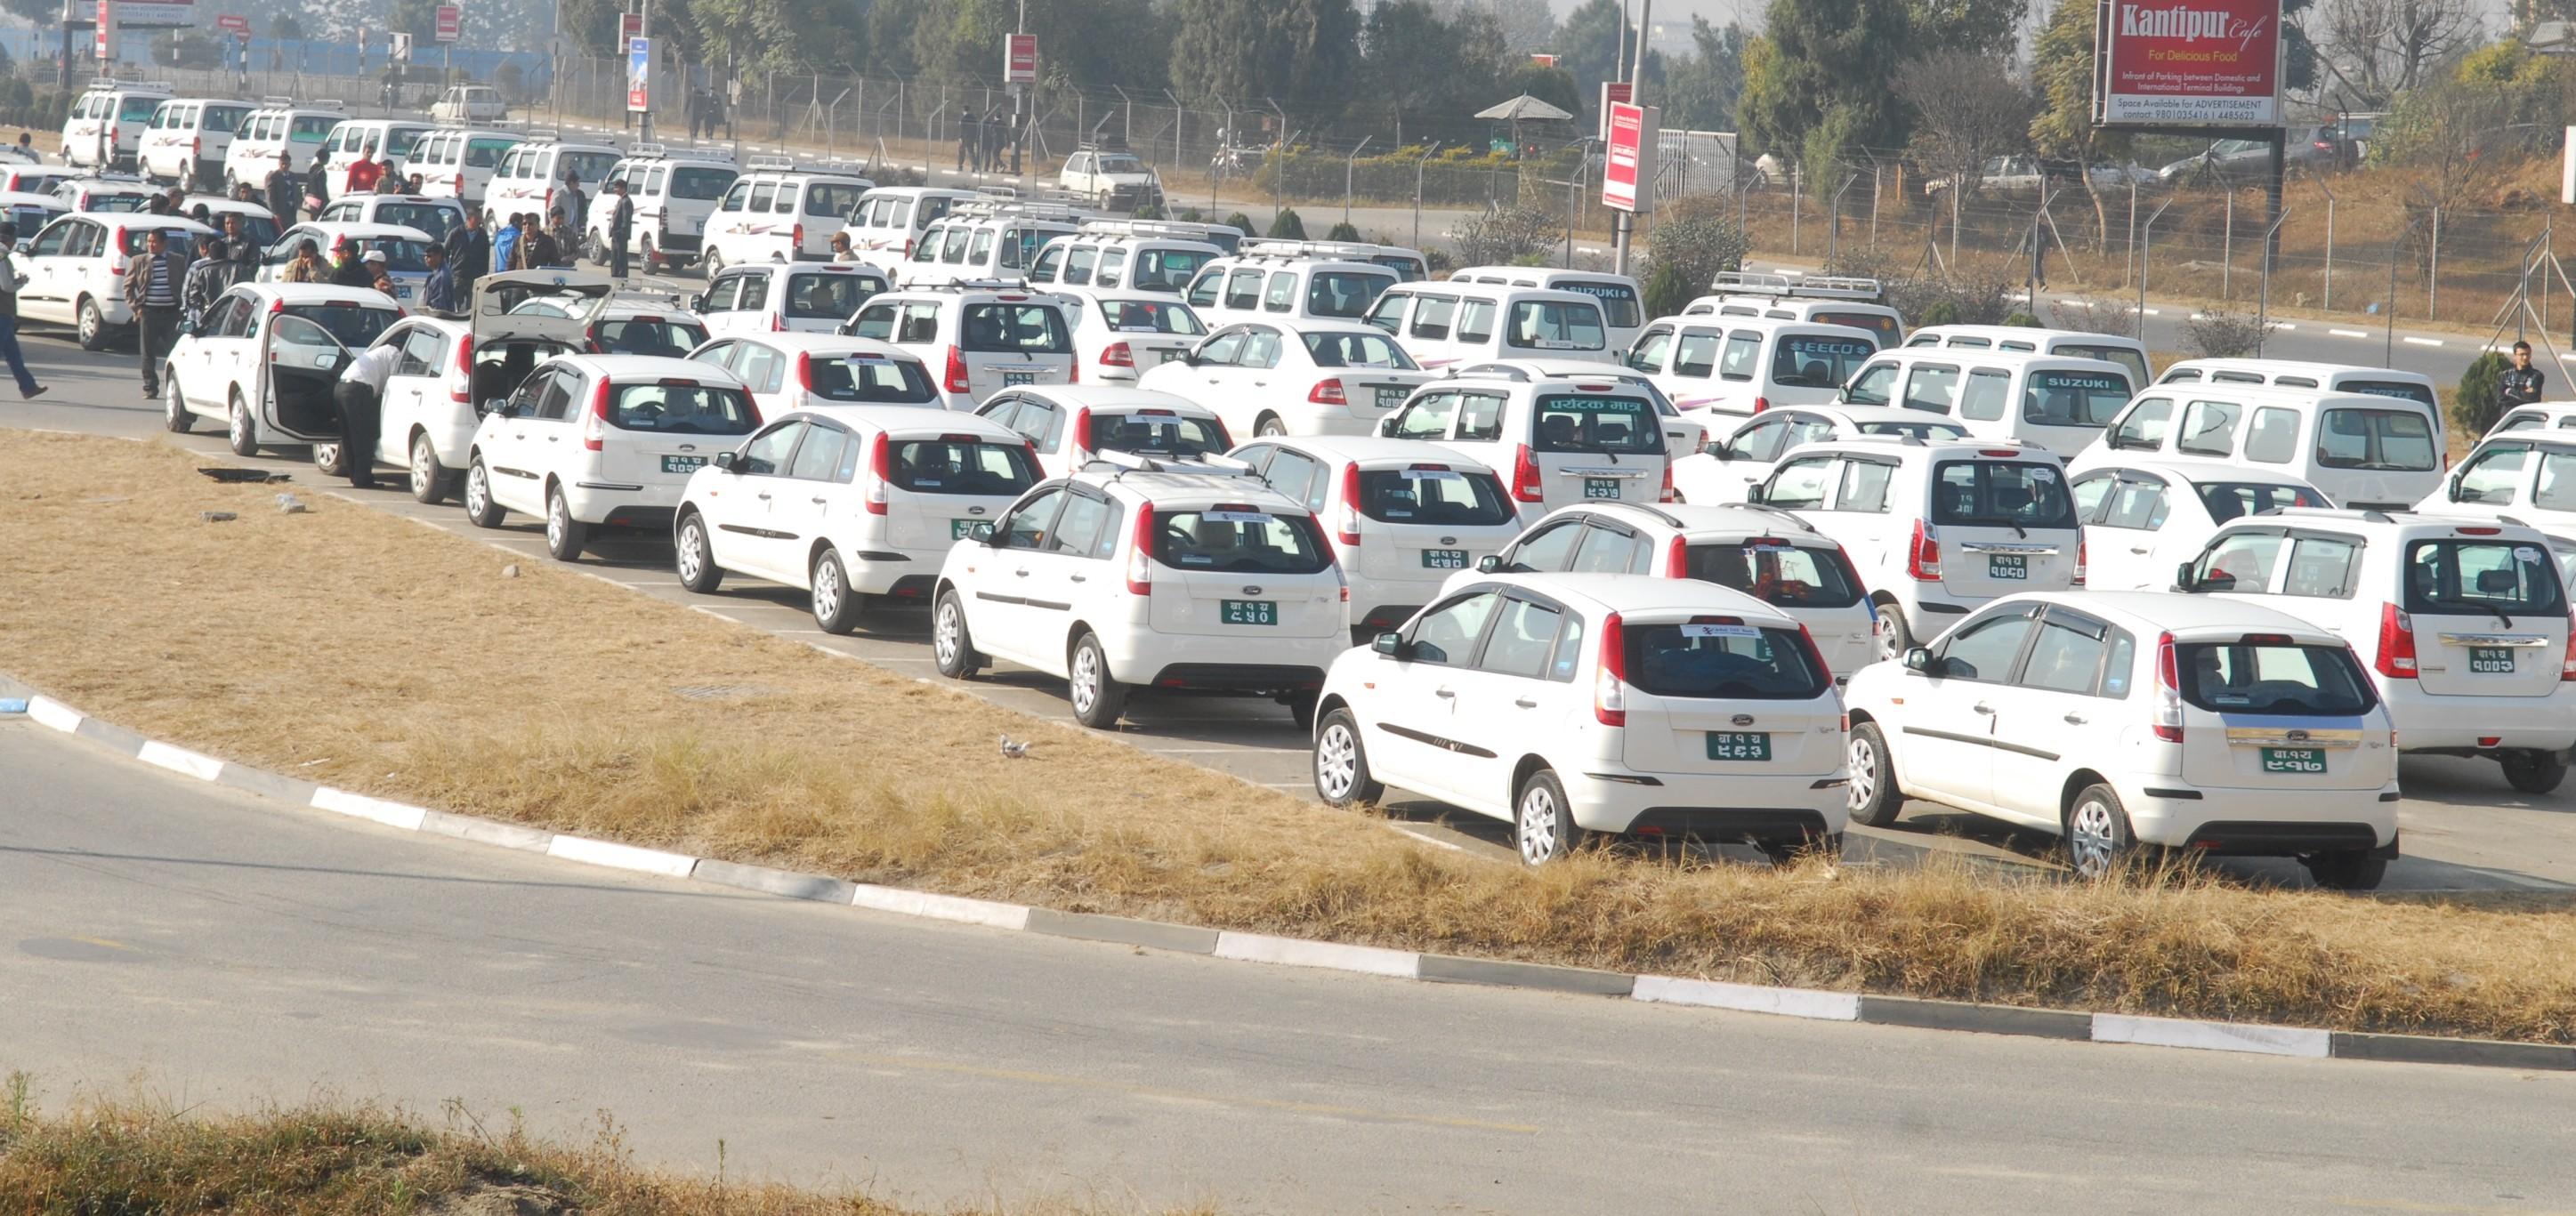 नयाँ ट्याक्सी दर्ता खोल्ने तयारी गर्दै सरकार